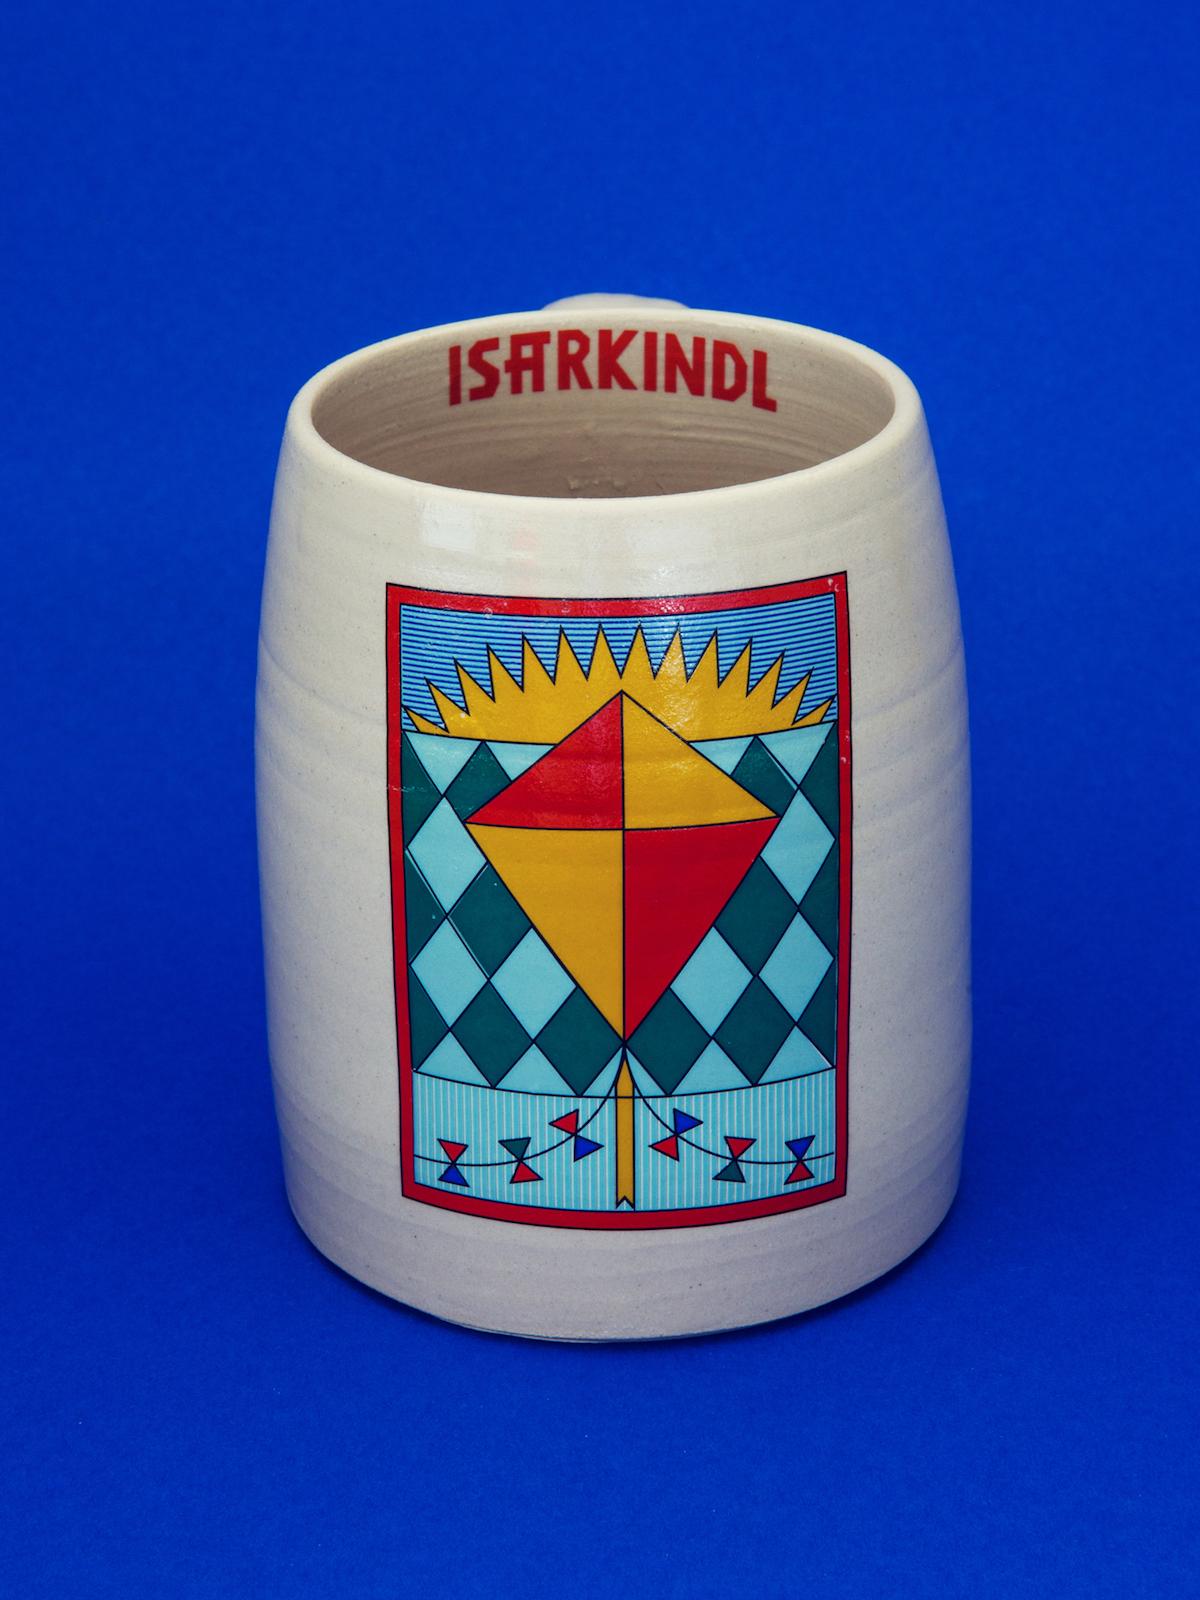 Isarkindl